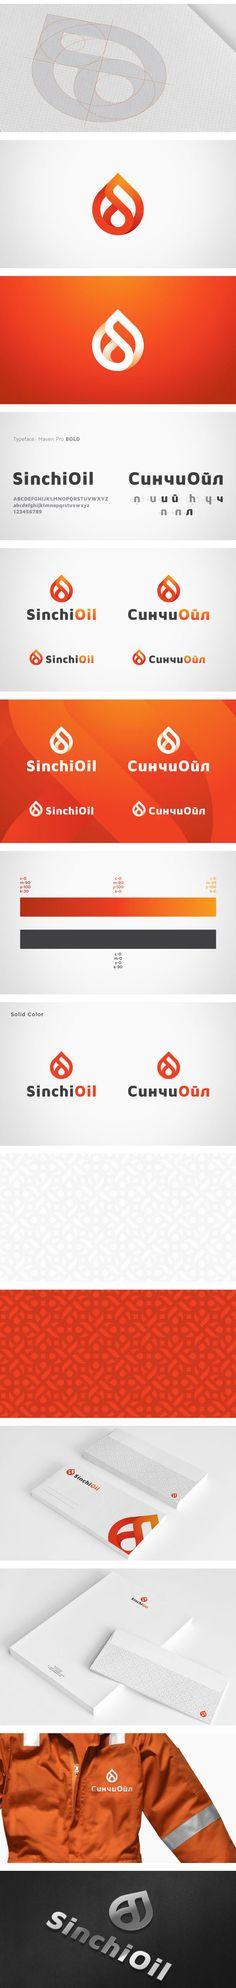 Origine di un logo - processo creativo per immagini